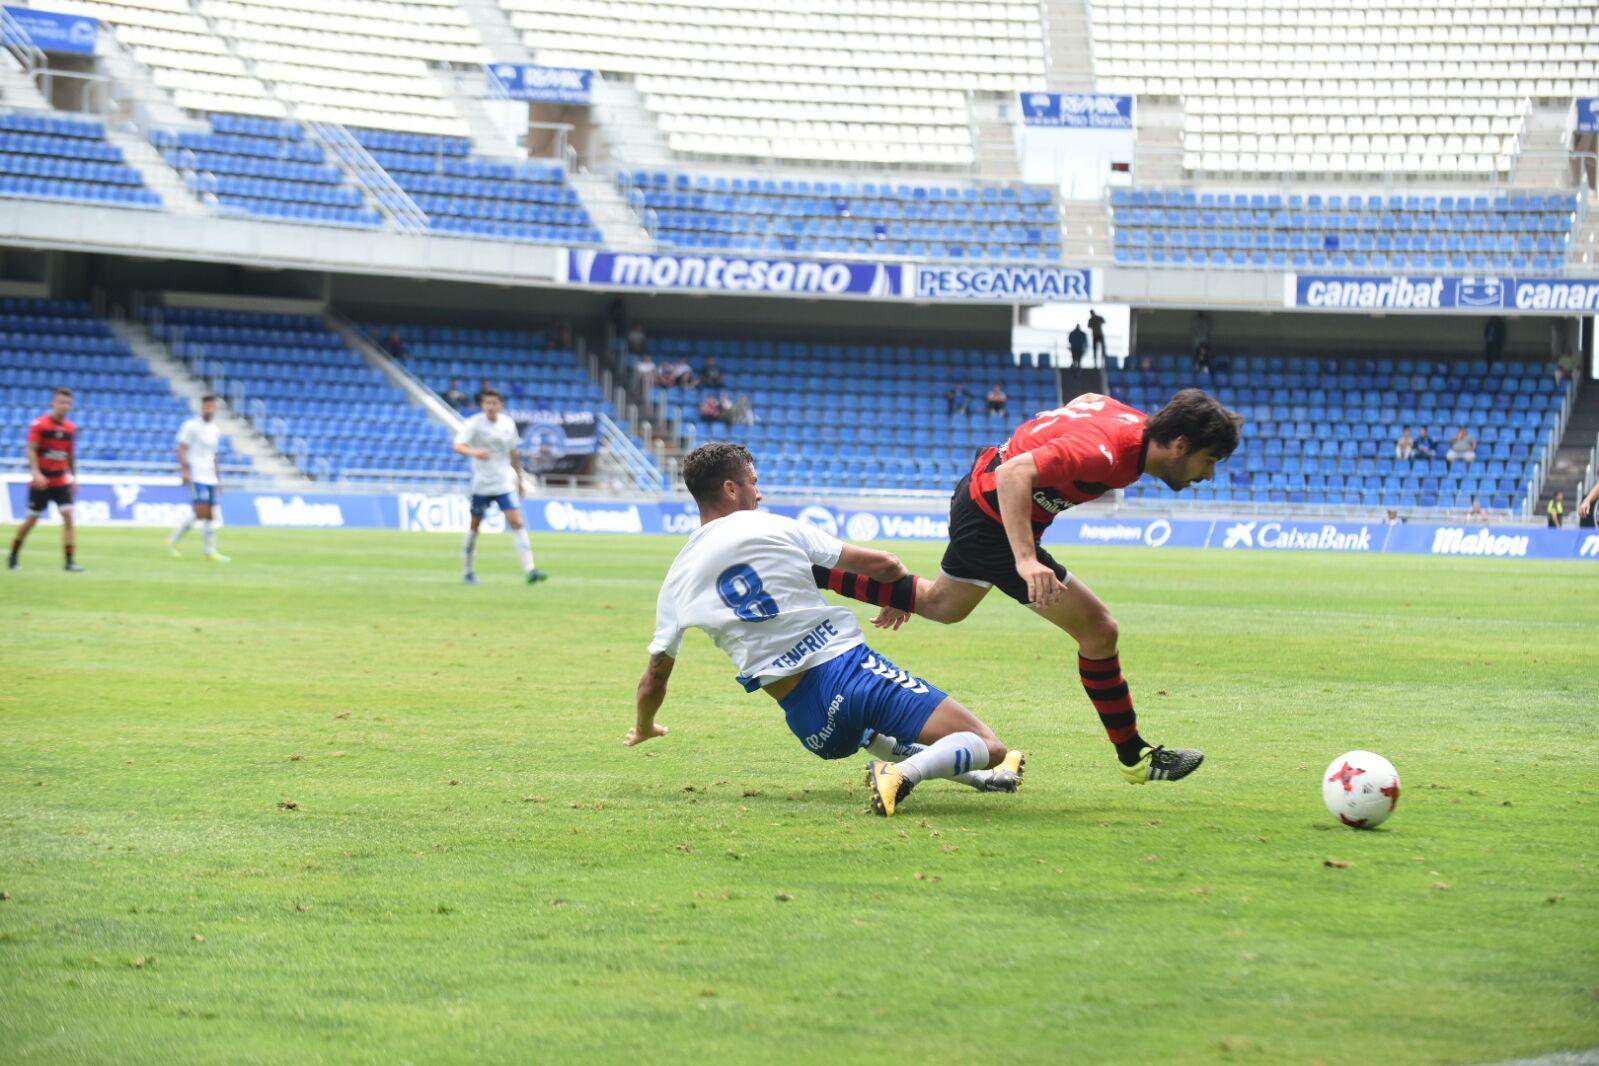 El CD Tenerife B falla en su primer intento de ascender